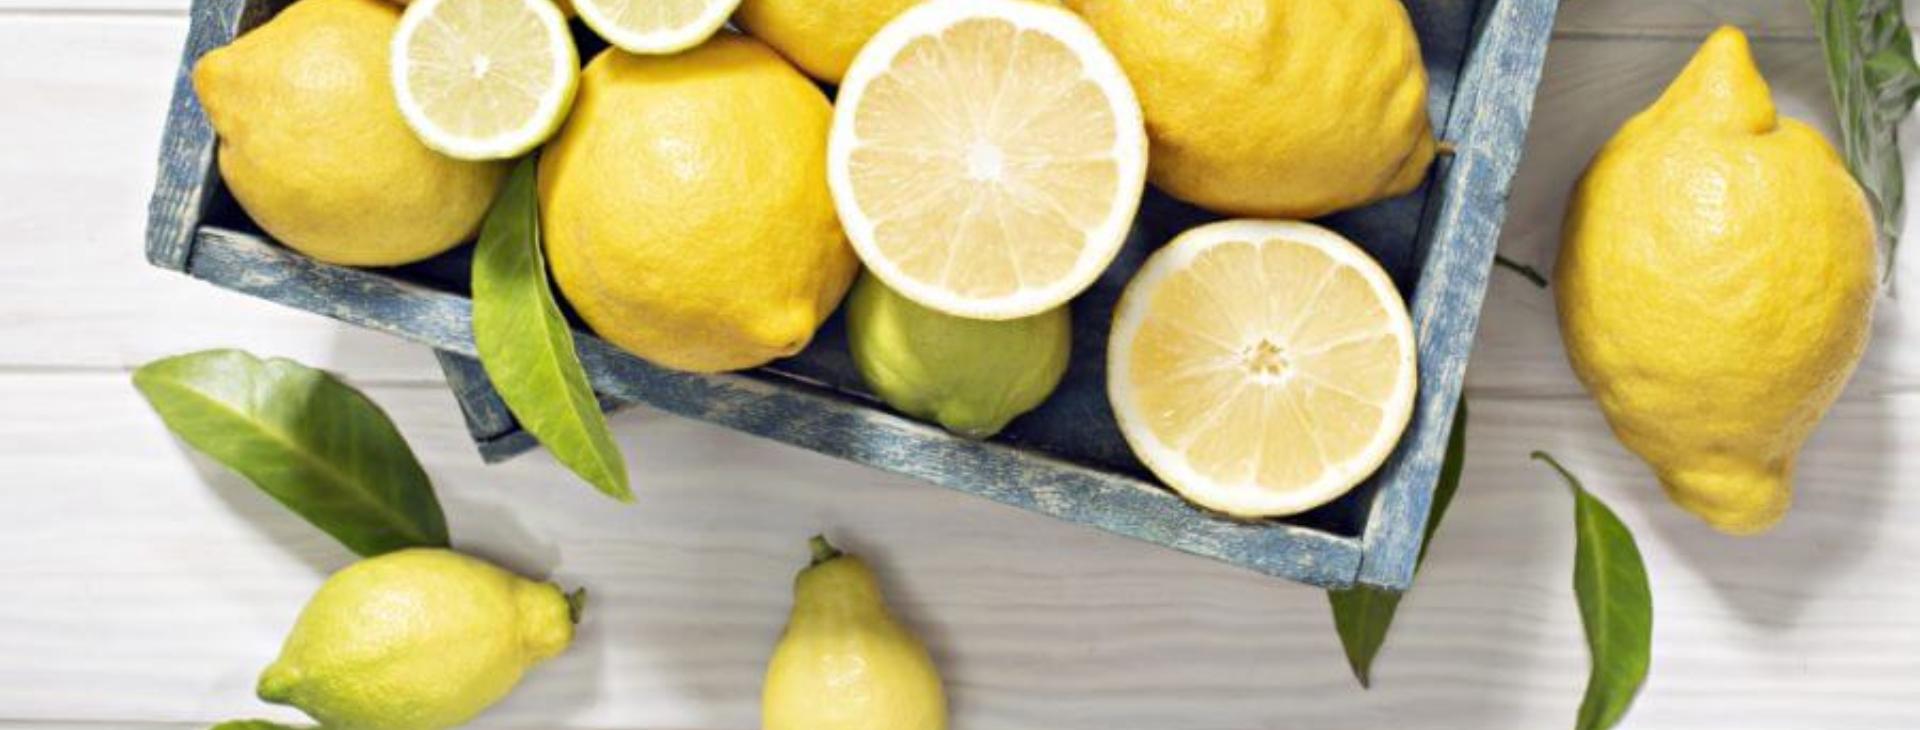 aki citrom és házi tojás összetételével kezelte a pikkelysömöröt)